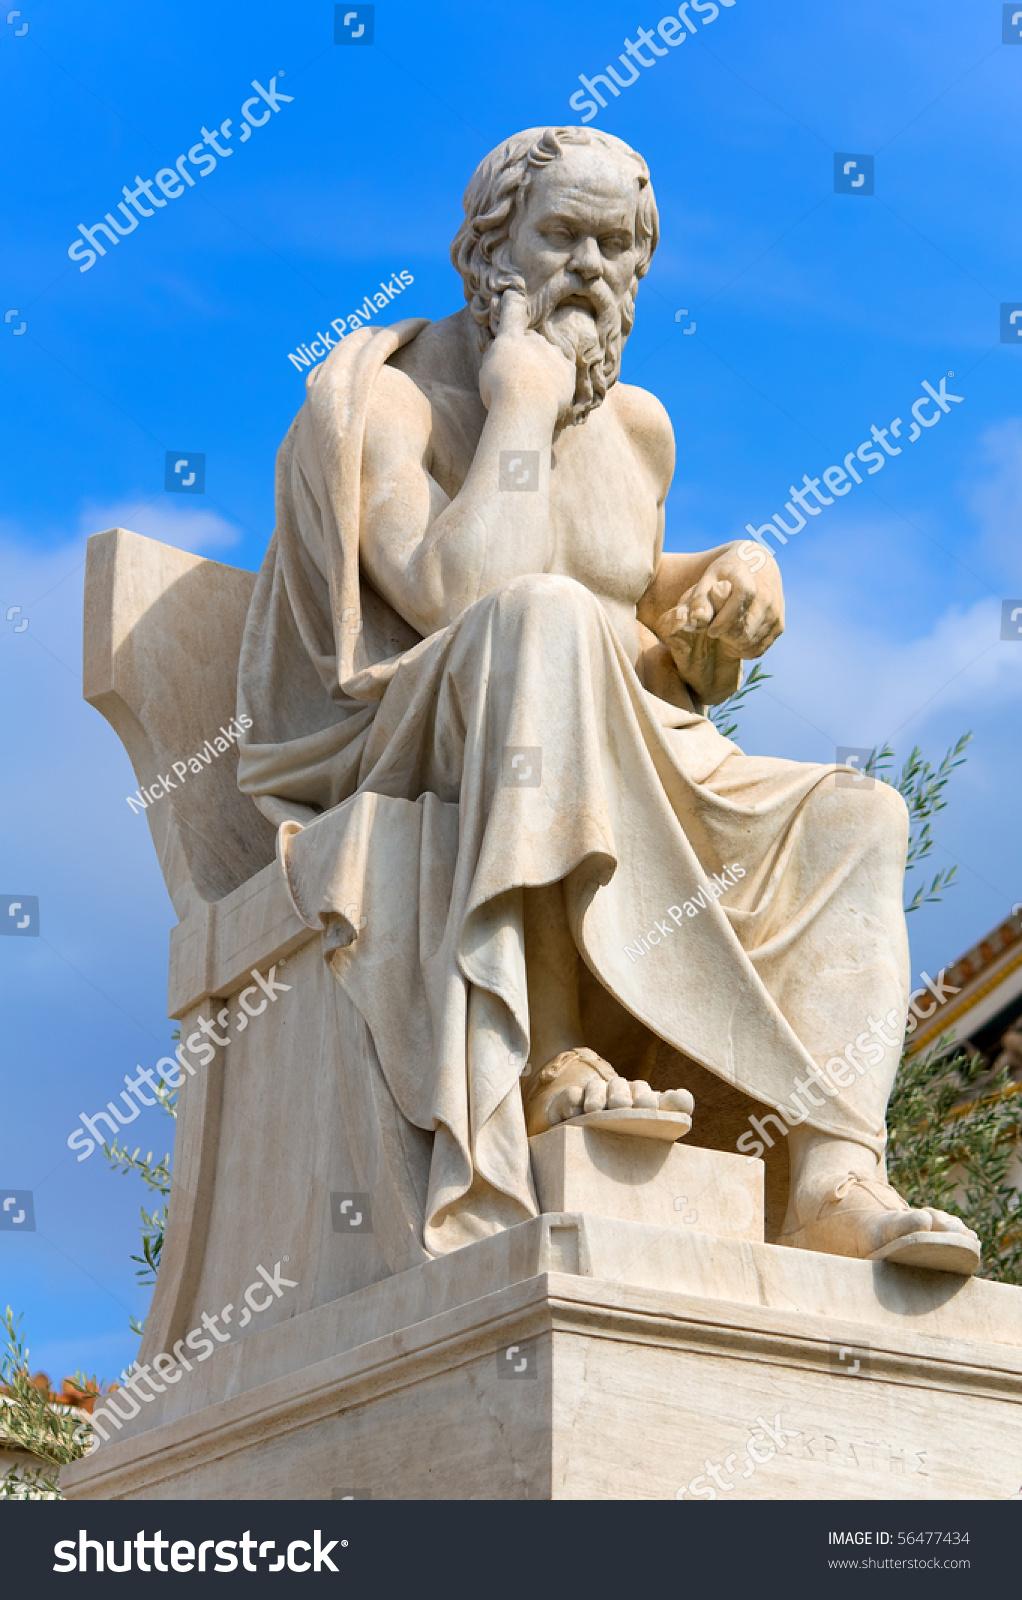 Цитаты сократа на греческом